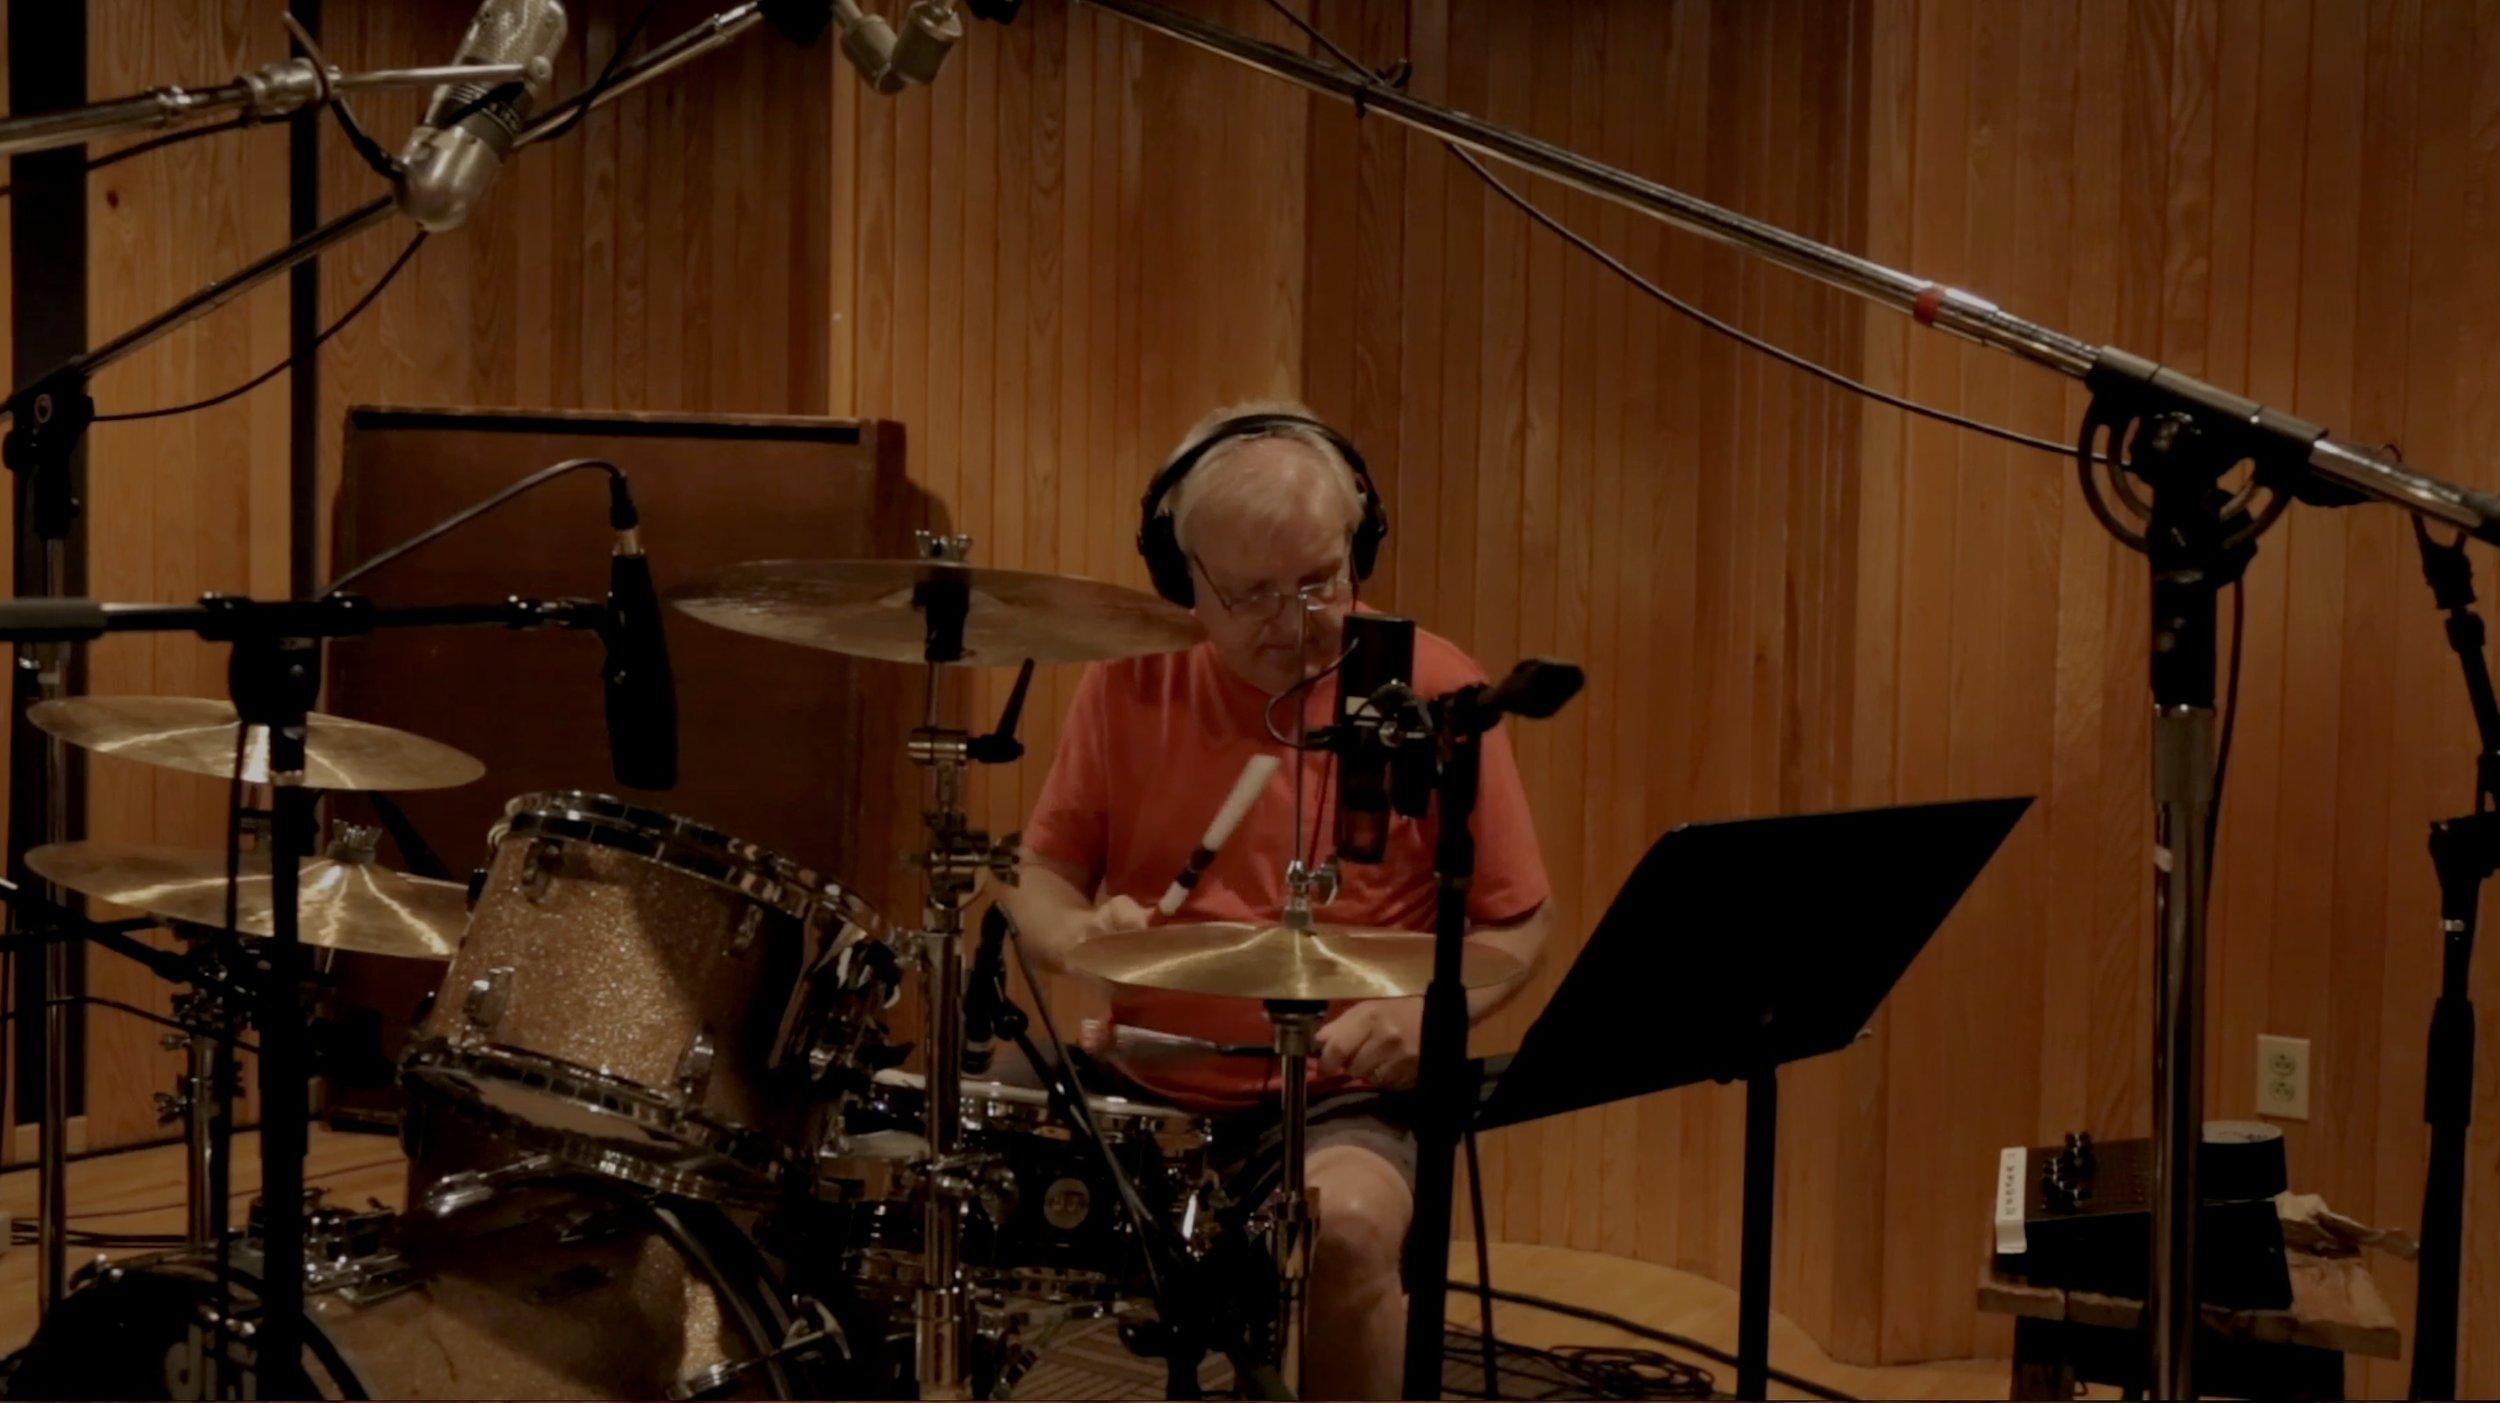 john_drums.jpg